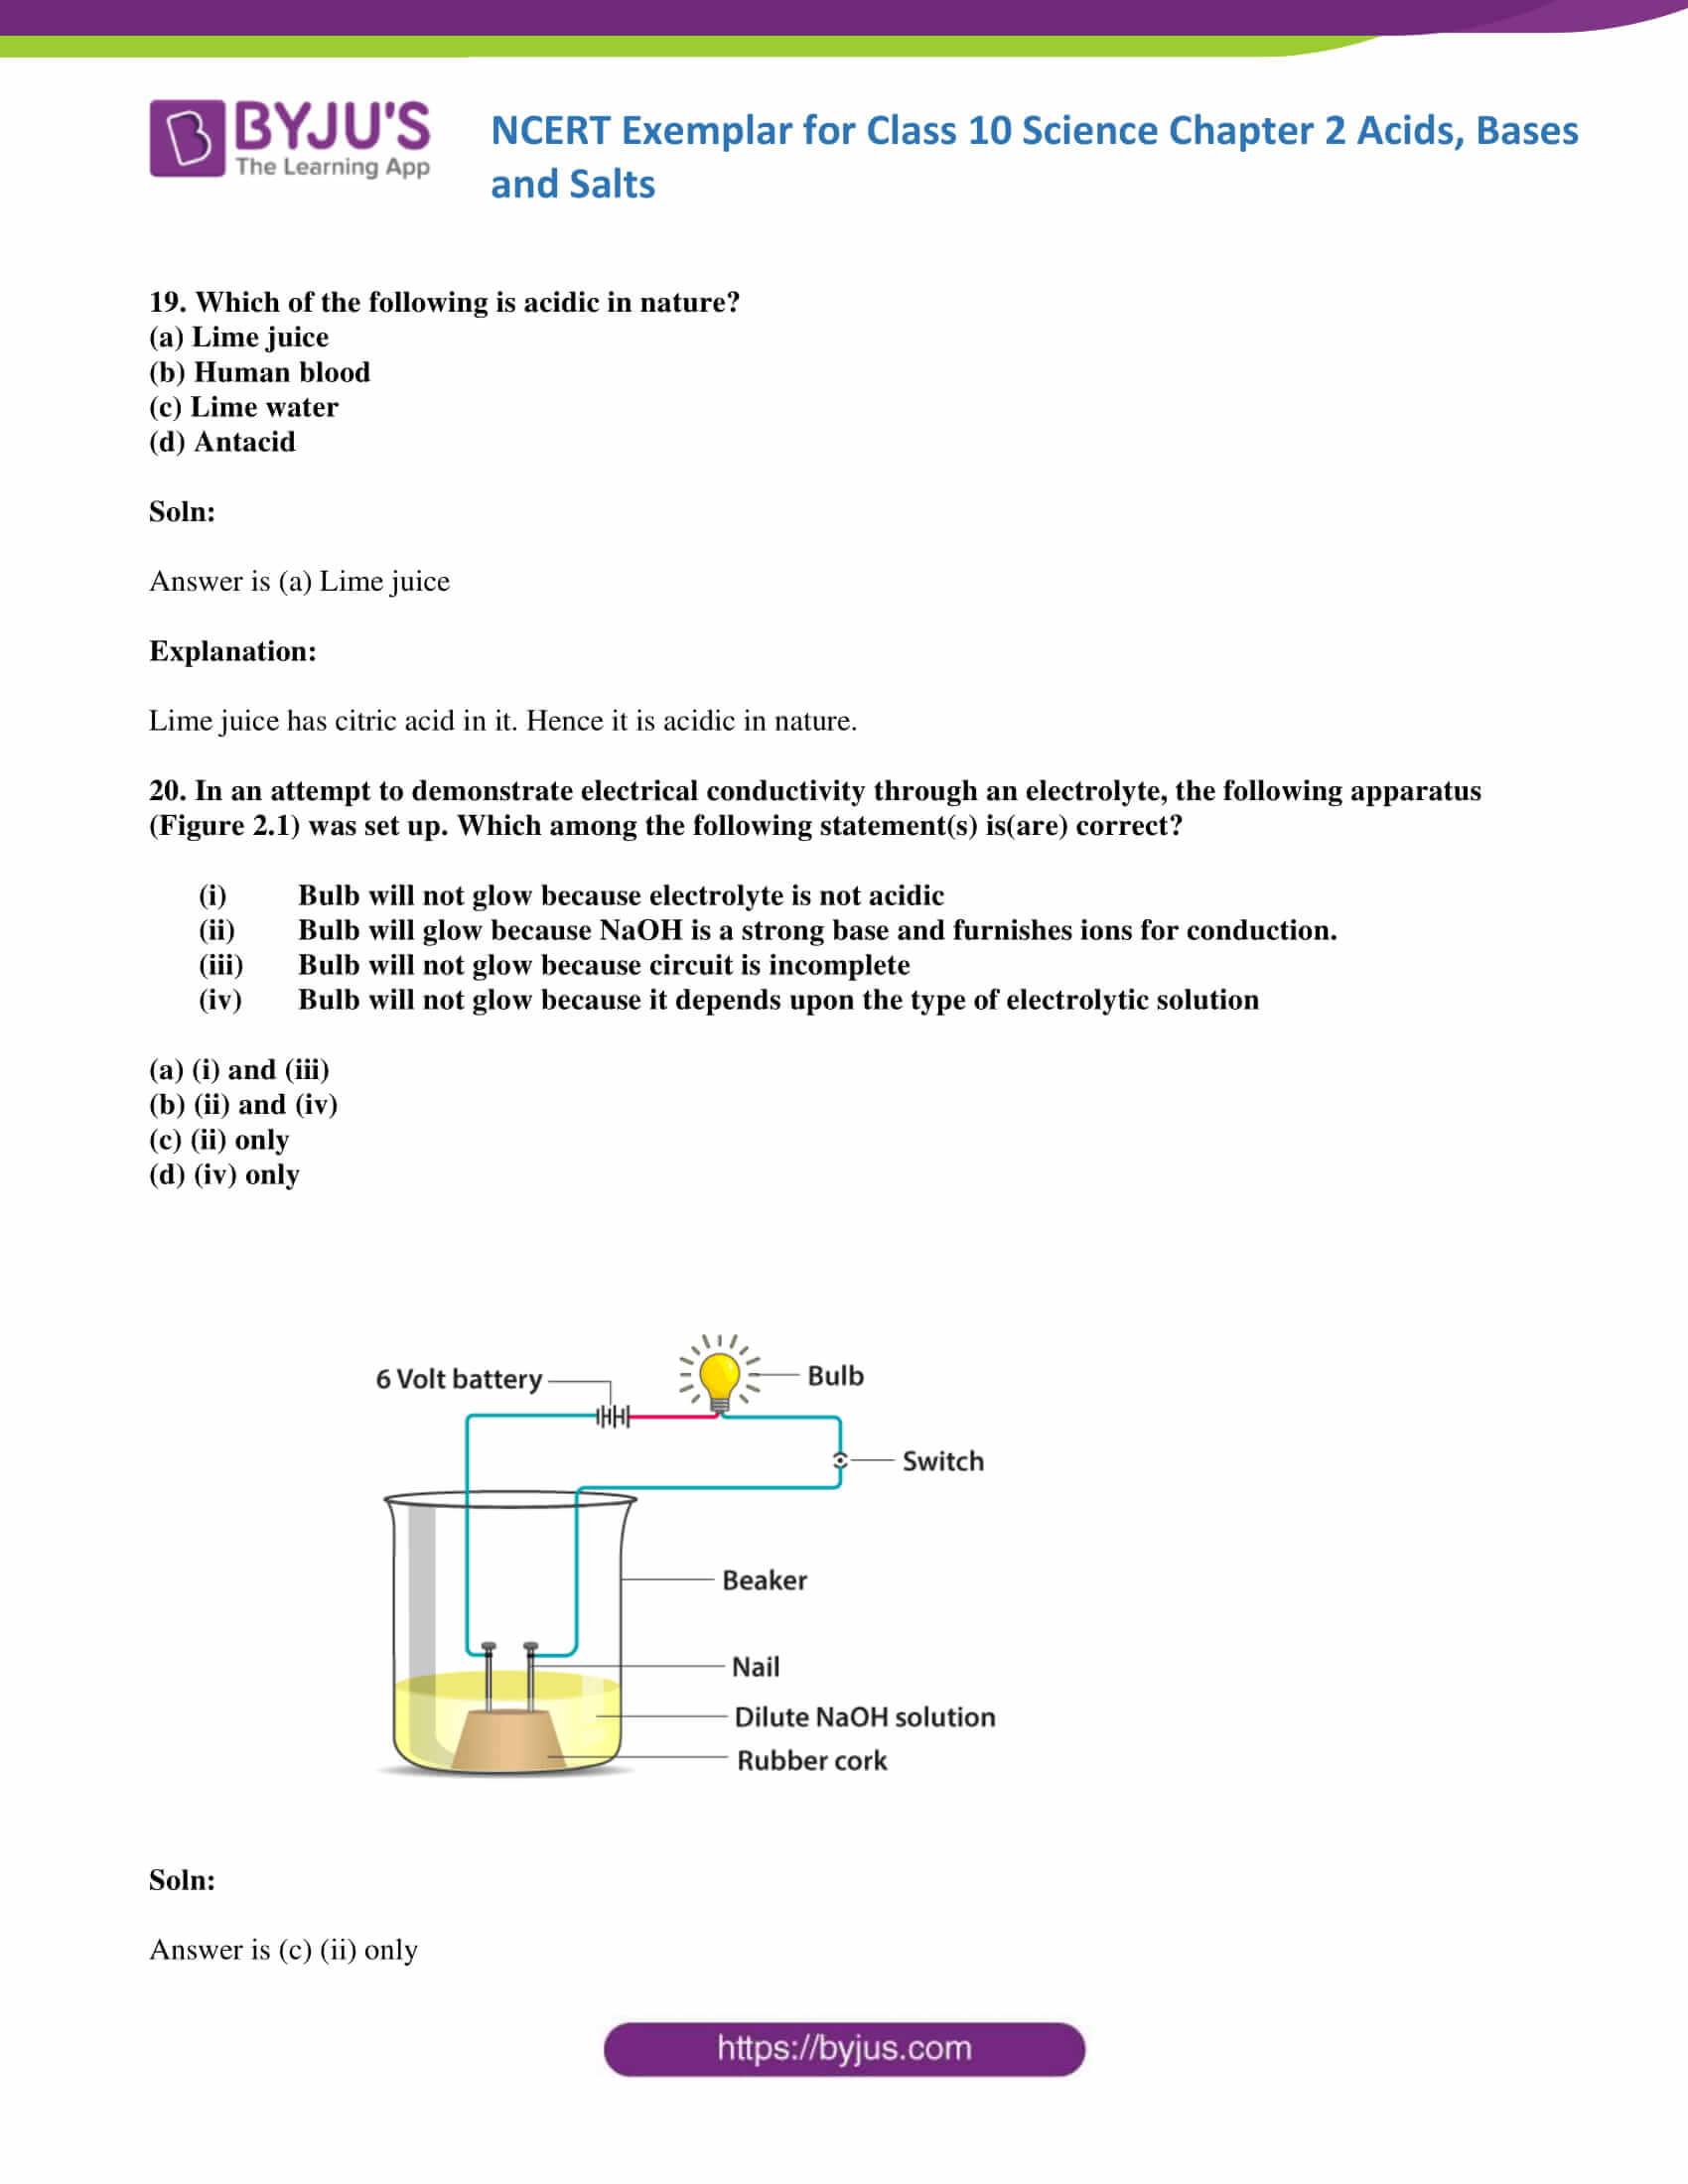 NCERT Exemplar solution class 10 Science Chapter 2 part 07